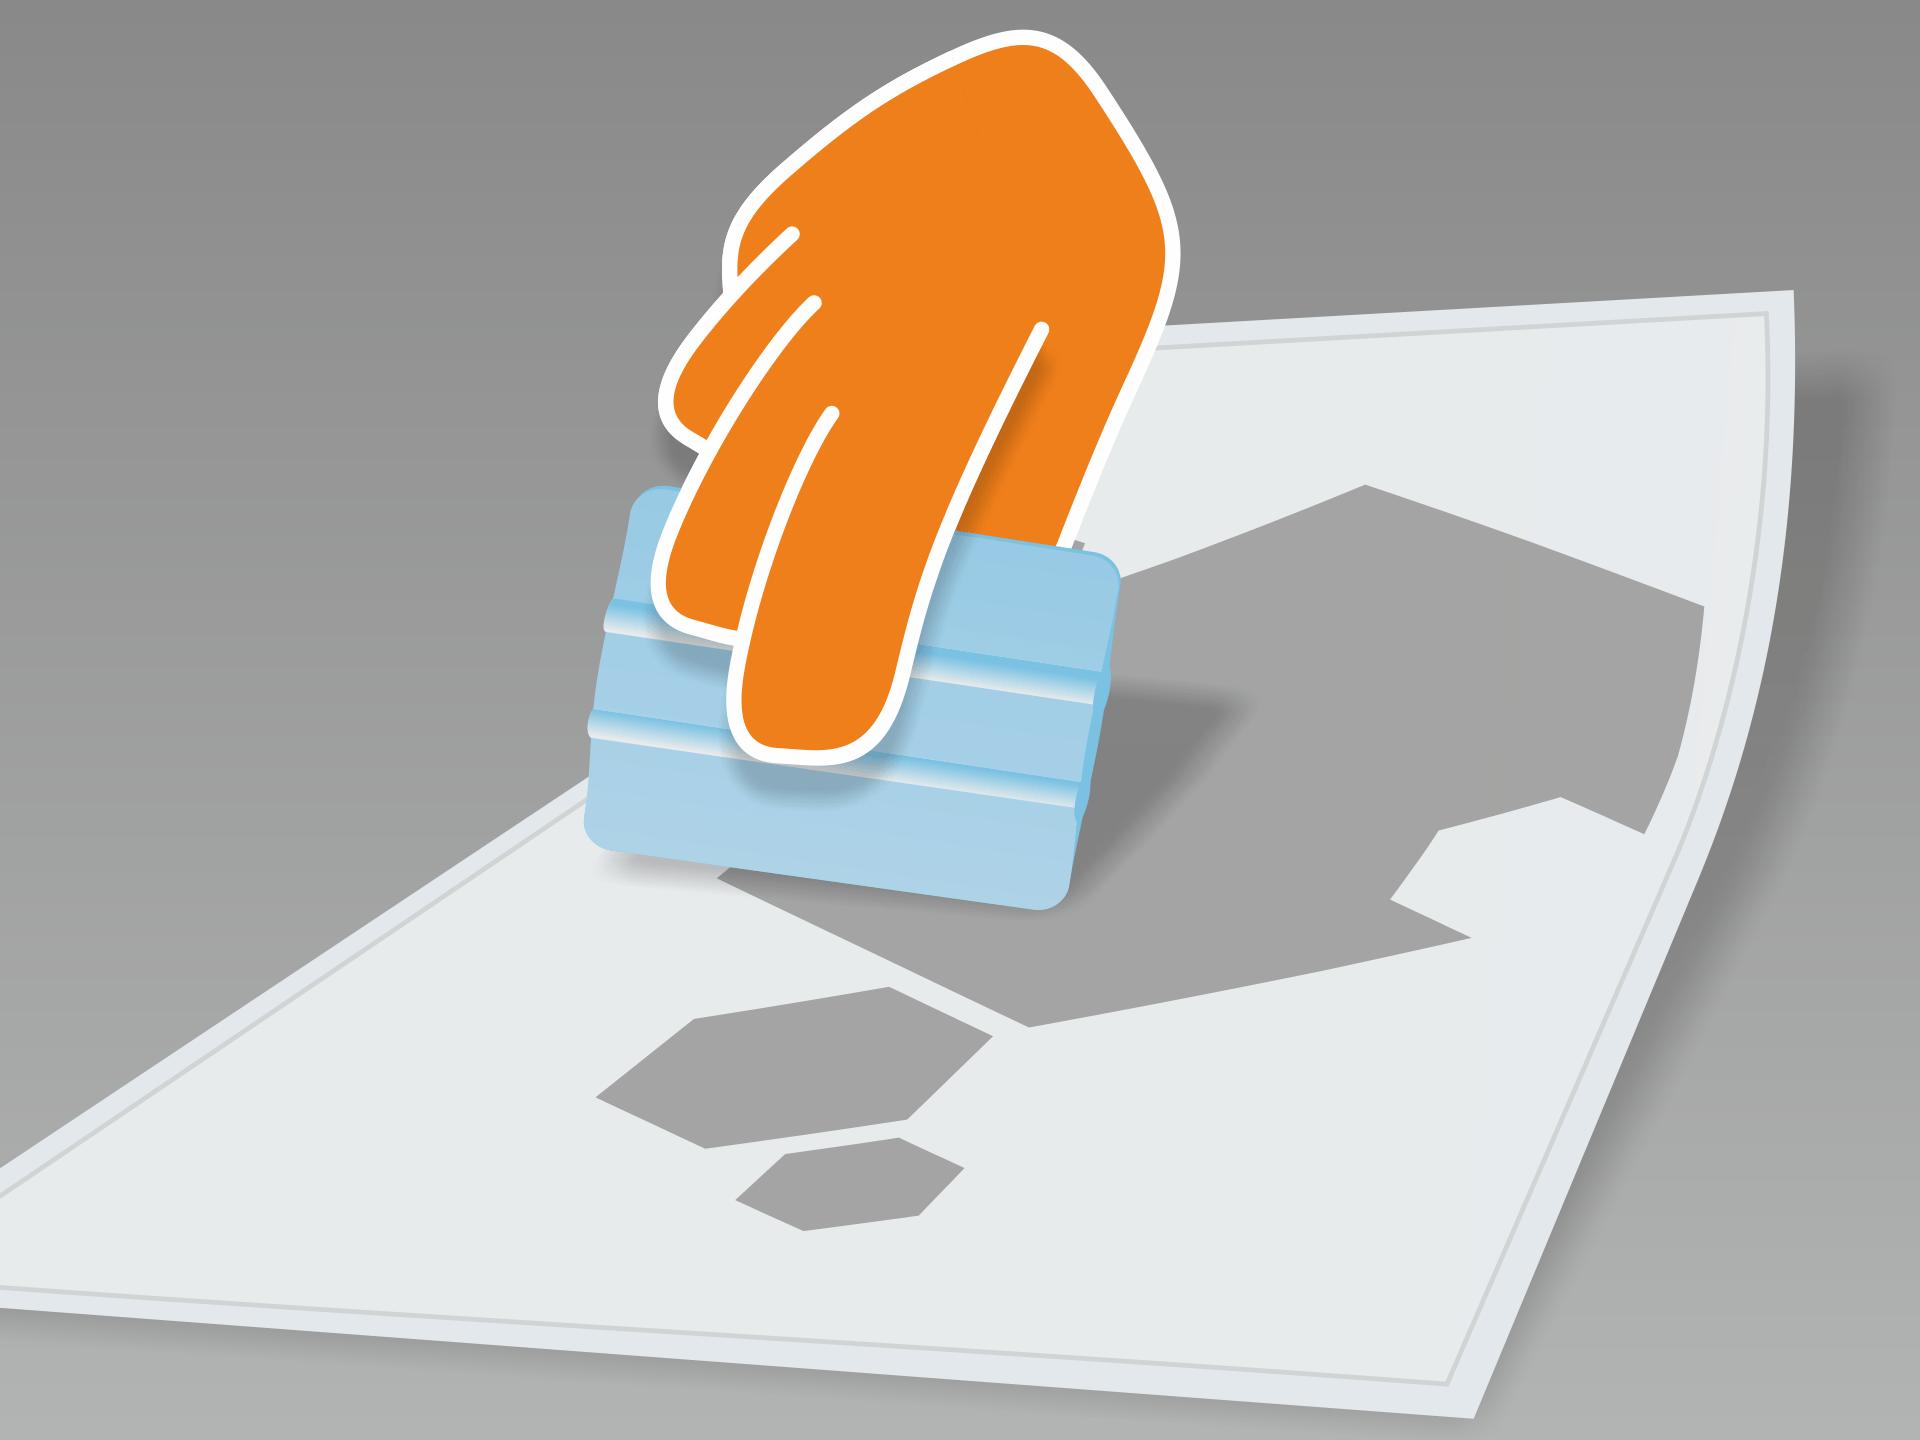 Tafelfolie flach auf glattem Untergrund ausrollen und mit Rakel (oder Scheckkarte) fest über Vor- und Rückseite streichen.